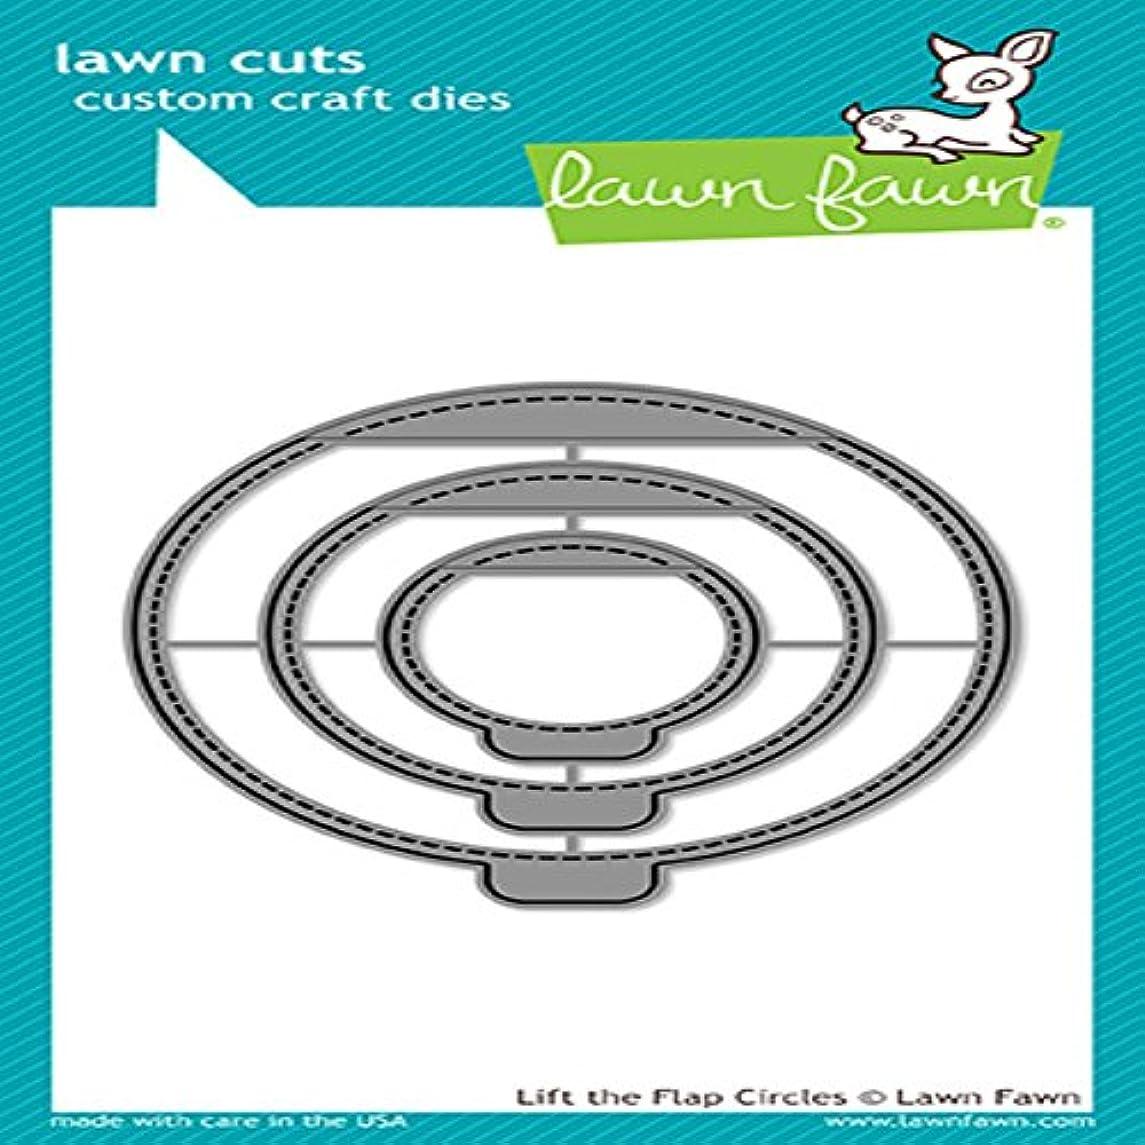 Lawn Fawn Lawn Cuts Custom Craft Die - LF1714 Lift The Flap Circles